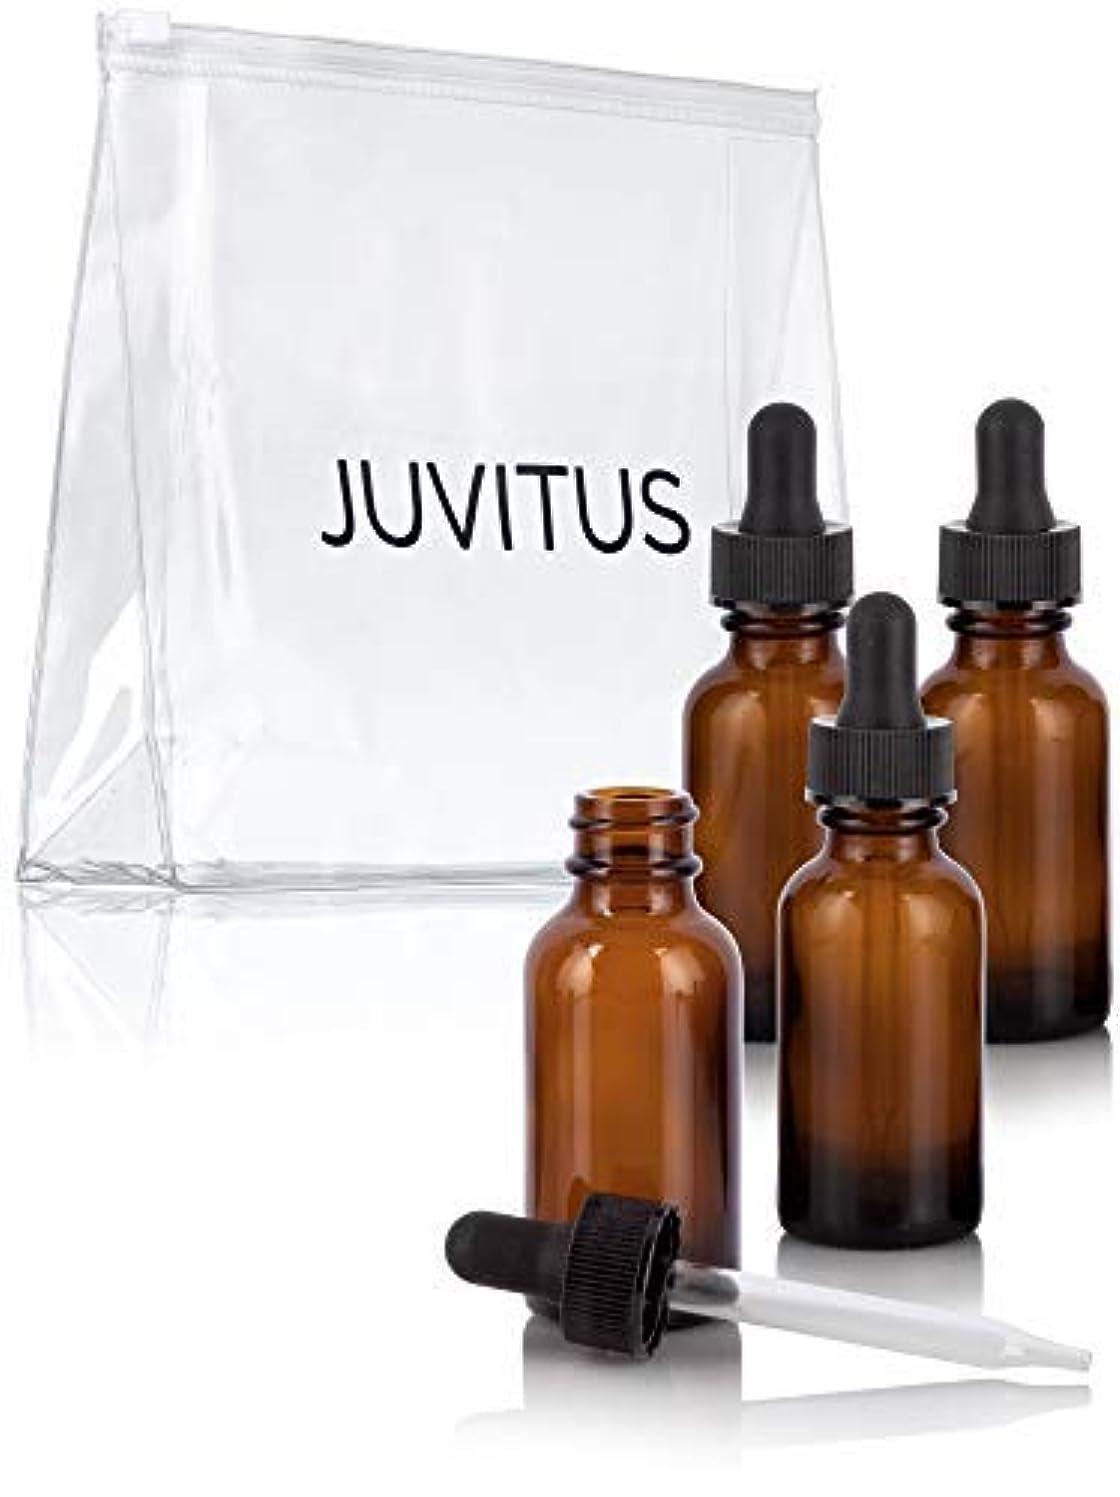 ジャーナル不規則なセミナー1 oz Amber Glass Boston Round Dropper Bottle (4 pack) + Travel Bag for essential oils, aromatherapy, e-liquid,...